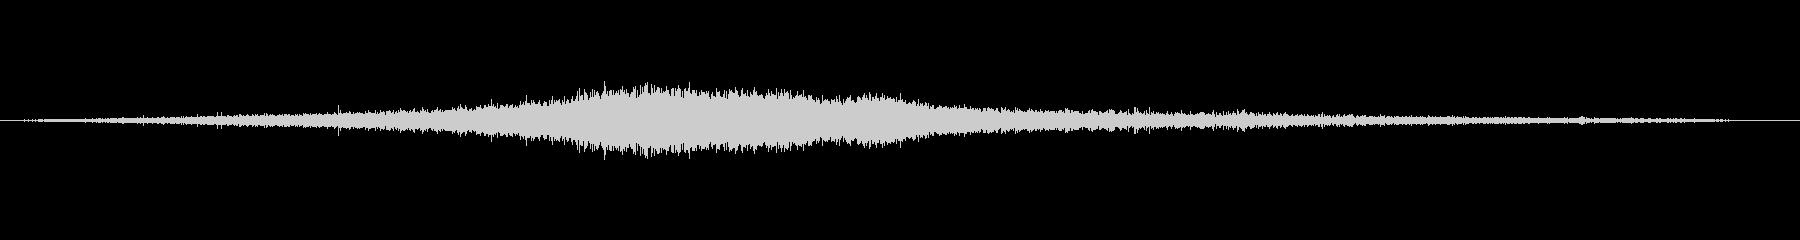 1986シボレーセレブリティ:ドラ...の未再生の波形